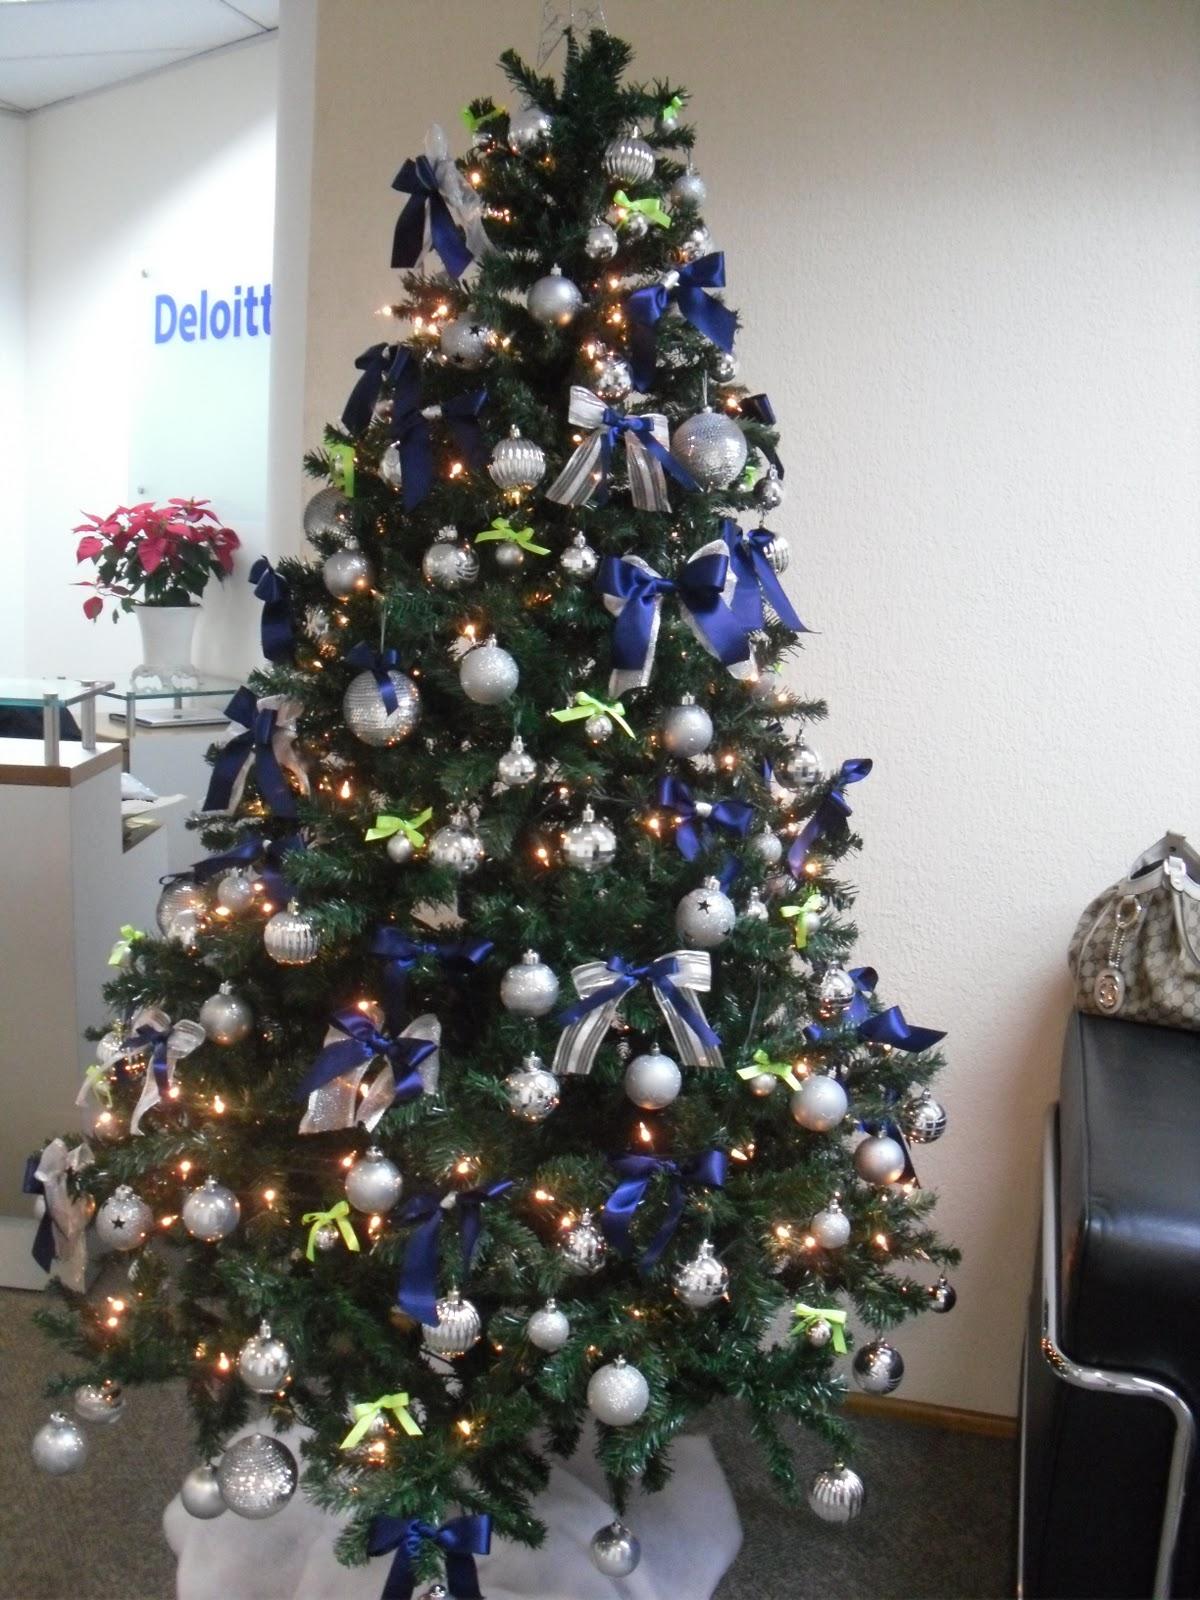 decoracao de arvore de natal azul e dourado : decoracao de arvore de natal azul e dourado:Essa foi a árvore de Natal que montamos para a empresa Deloitte.